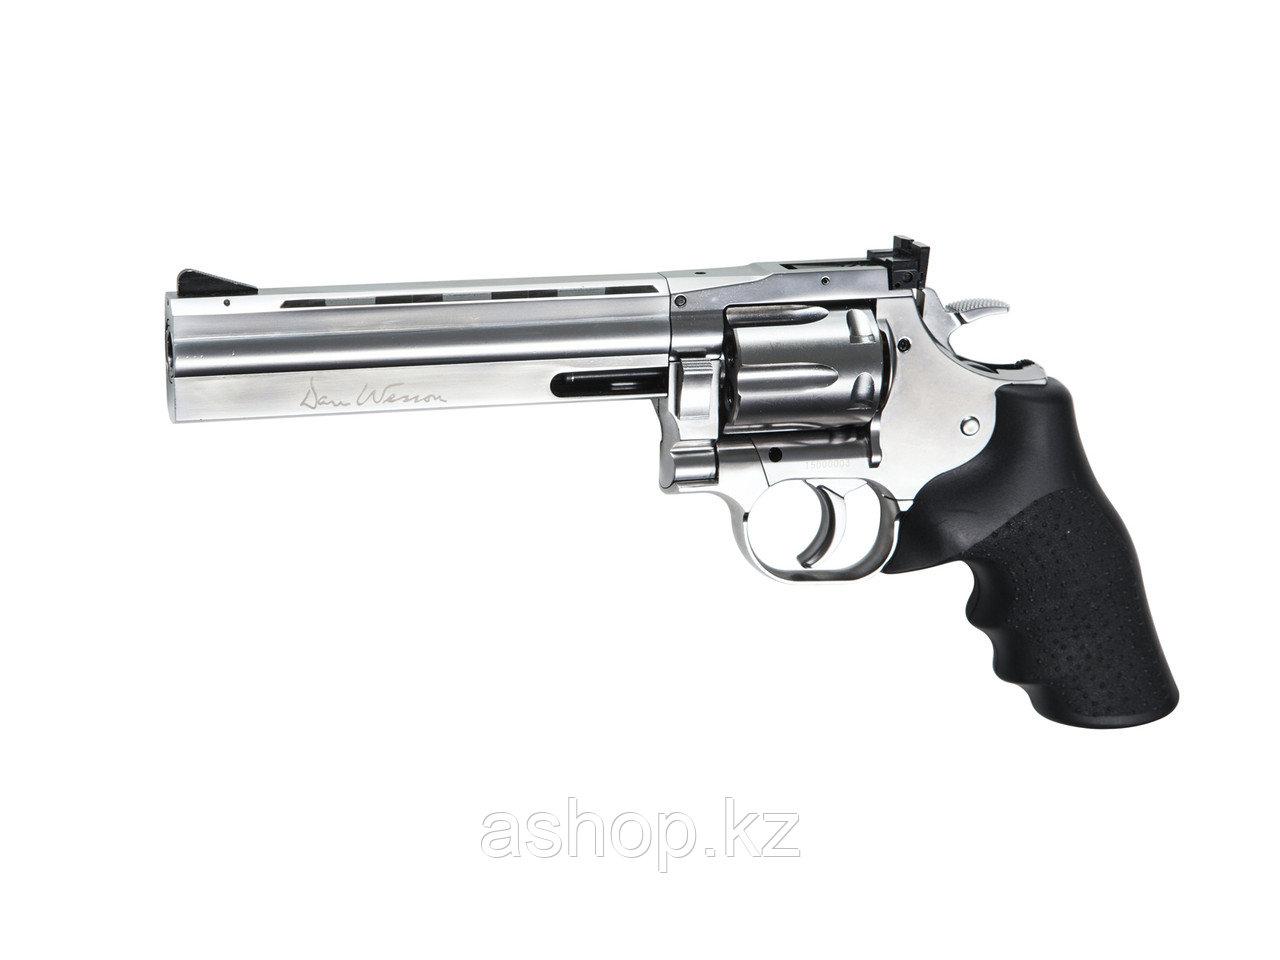 """Револьвер пневматический ASG Dan Wesson 715 - 6"""", Калибр: 4,5 мм (.177, BB), Дульная энергия: 3,0 Дж, Ёмкость"""